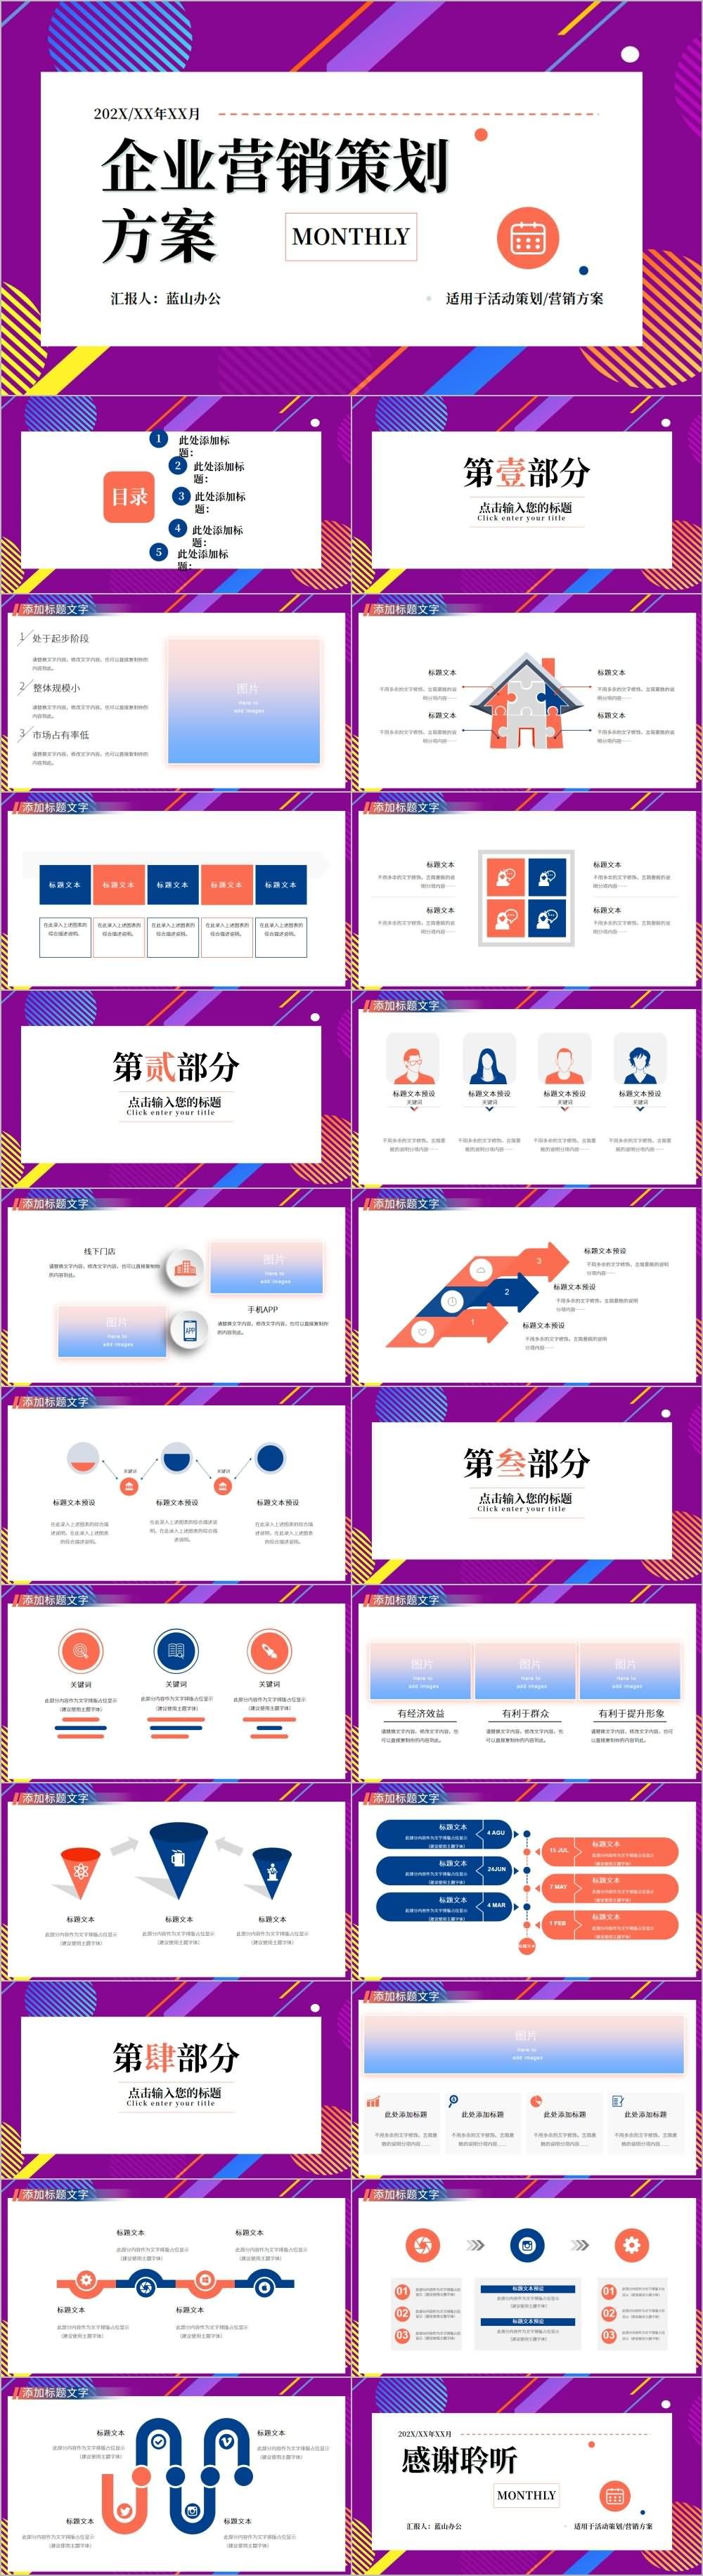 红色商务简约营销策划方案ppt模板